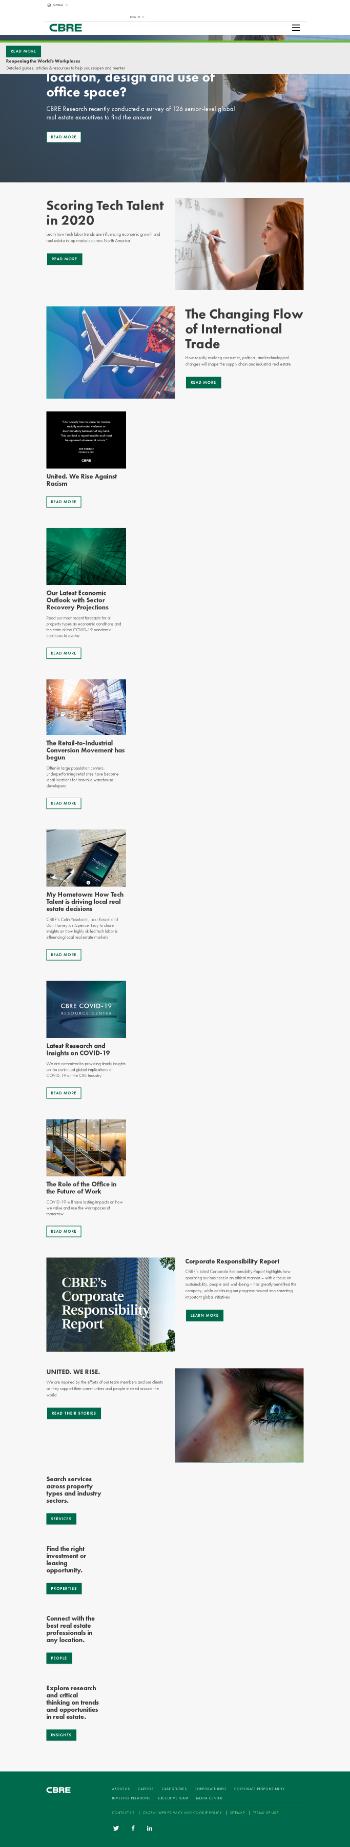 CBRE Group, Inc. Website Screenshot